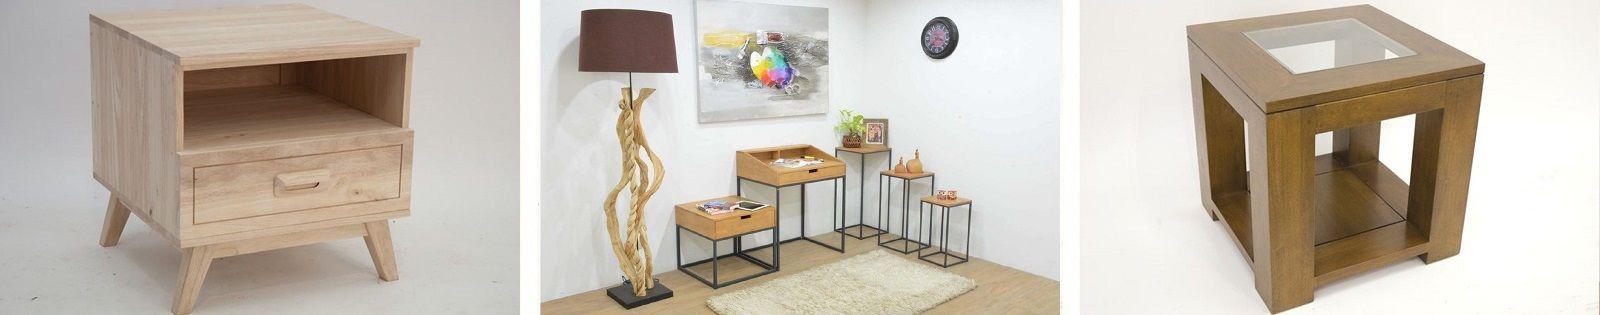 Bout de canapé en Hévéa : Haut de gamme de fabrication artisanale.